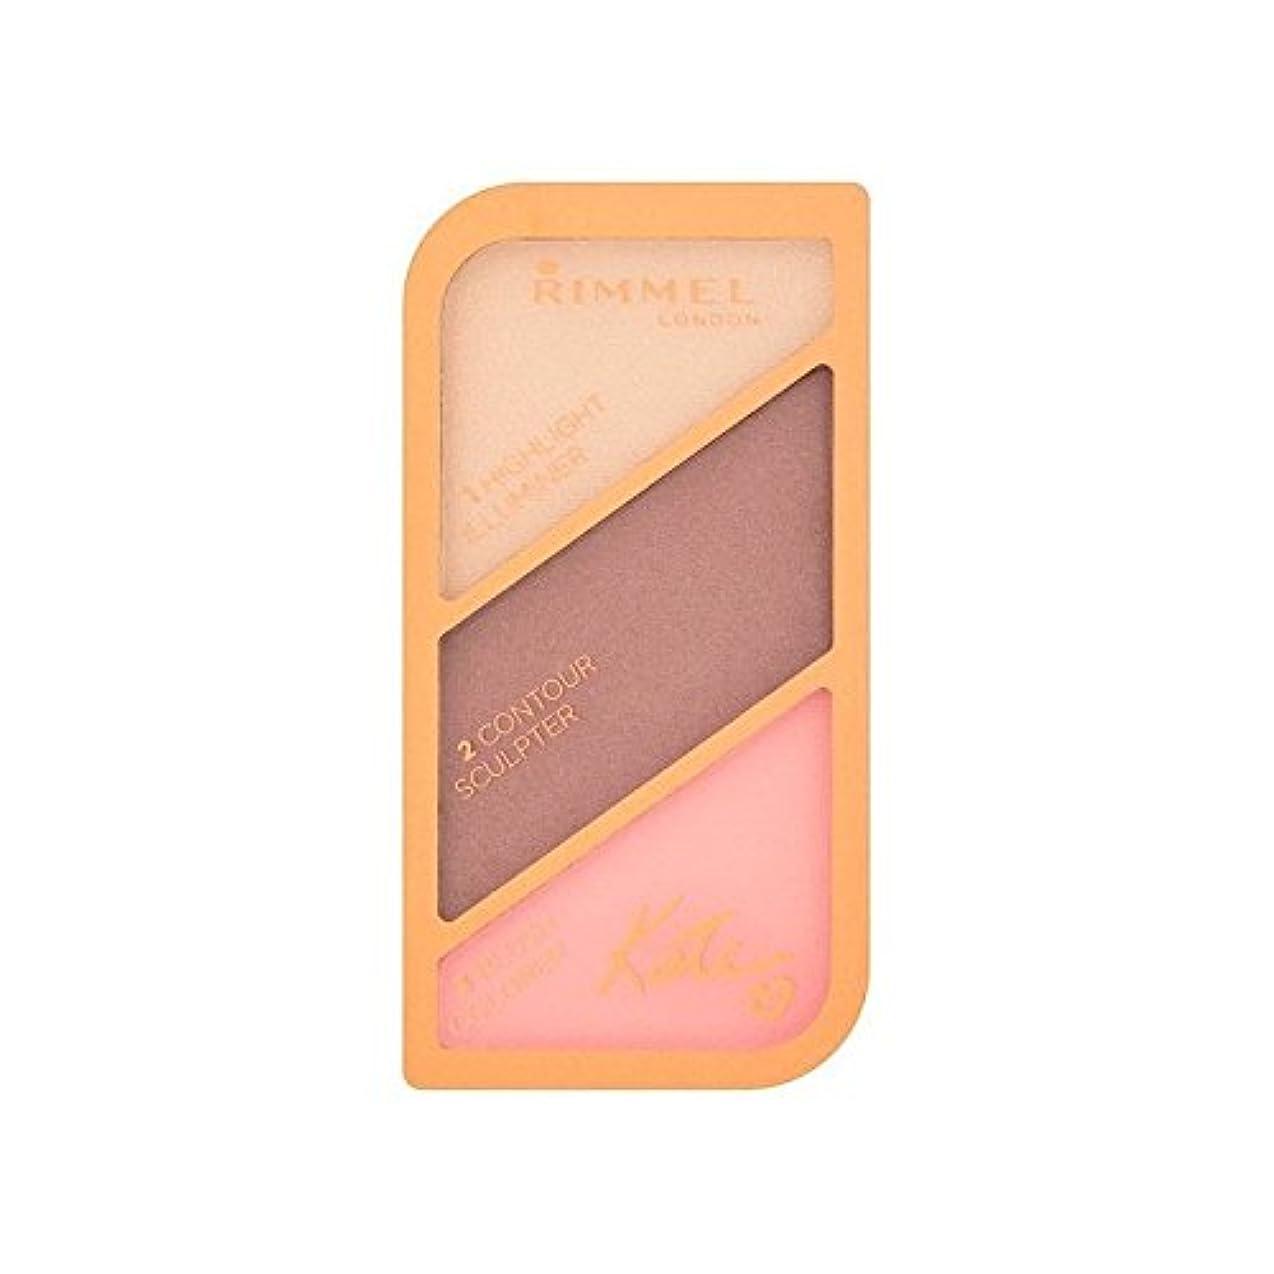 材料欠席蒸気リンメルケイト?モスの彫刻パレット黄金のブロンズ003 x2 - Rimmel Kate Moss Sculpting Palette Golden Bronze 003 (Pack of 2) [並行輸入品]